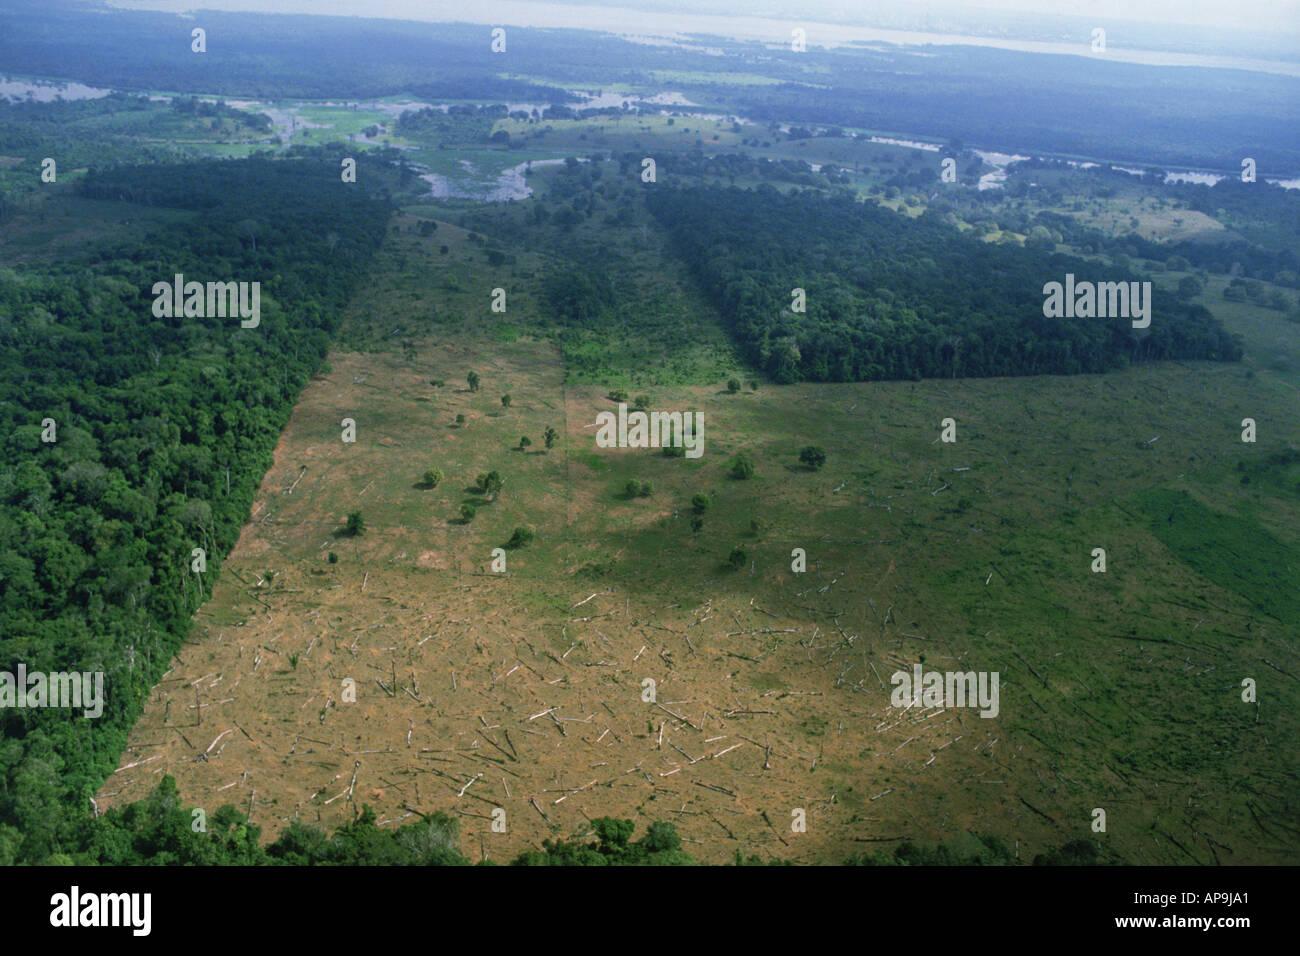 Vista aérea de la deforestación de los bosques tropicales de Brasil, cerca de Río Amazonas Imagen De Stock